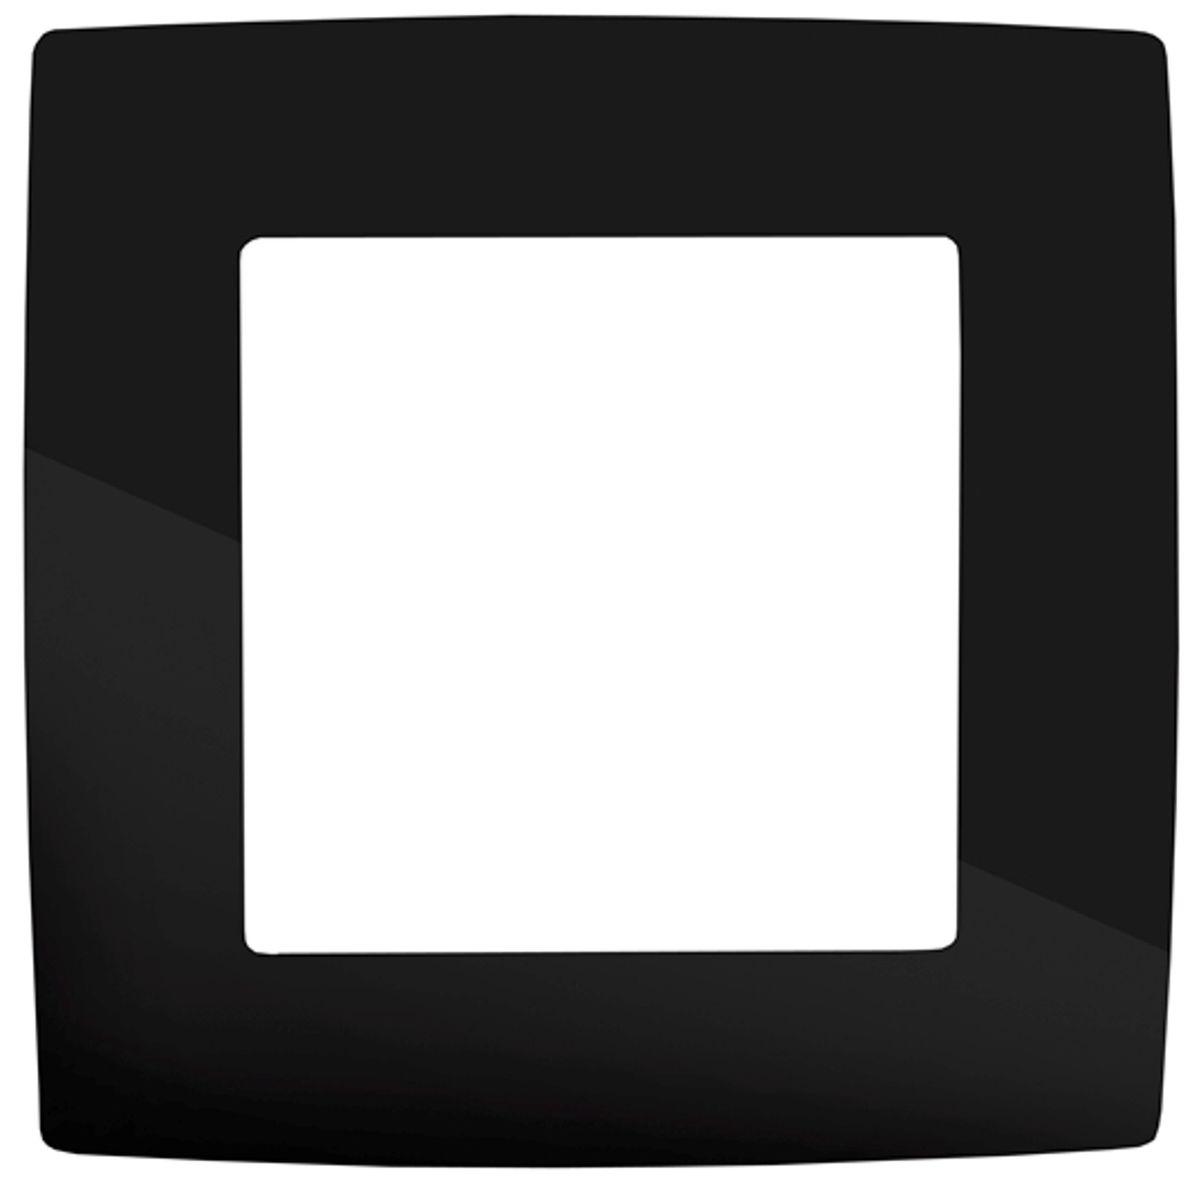 Рамка для встраиваемой розетки Эра, на 1 пост, цвет: черный12-5001-06Рамка Эра выполнена из поликарбоната и используется для окантовки встраиваемой розетки. Она отвечает основным требованиям безопасности и удобства монтажа. Современный дизайн и элегантная цветовая гамма подойдут к любому интерьеру.